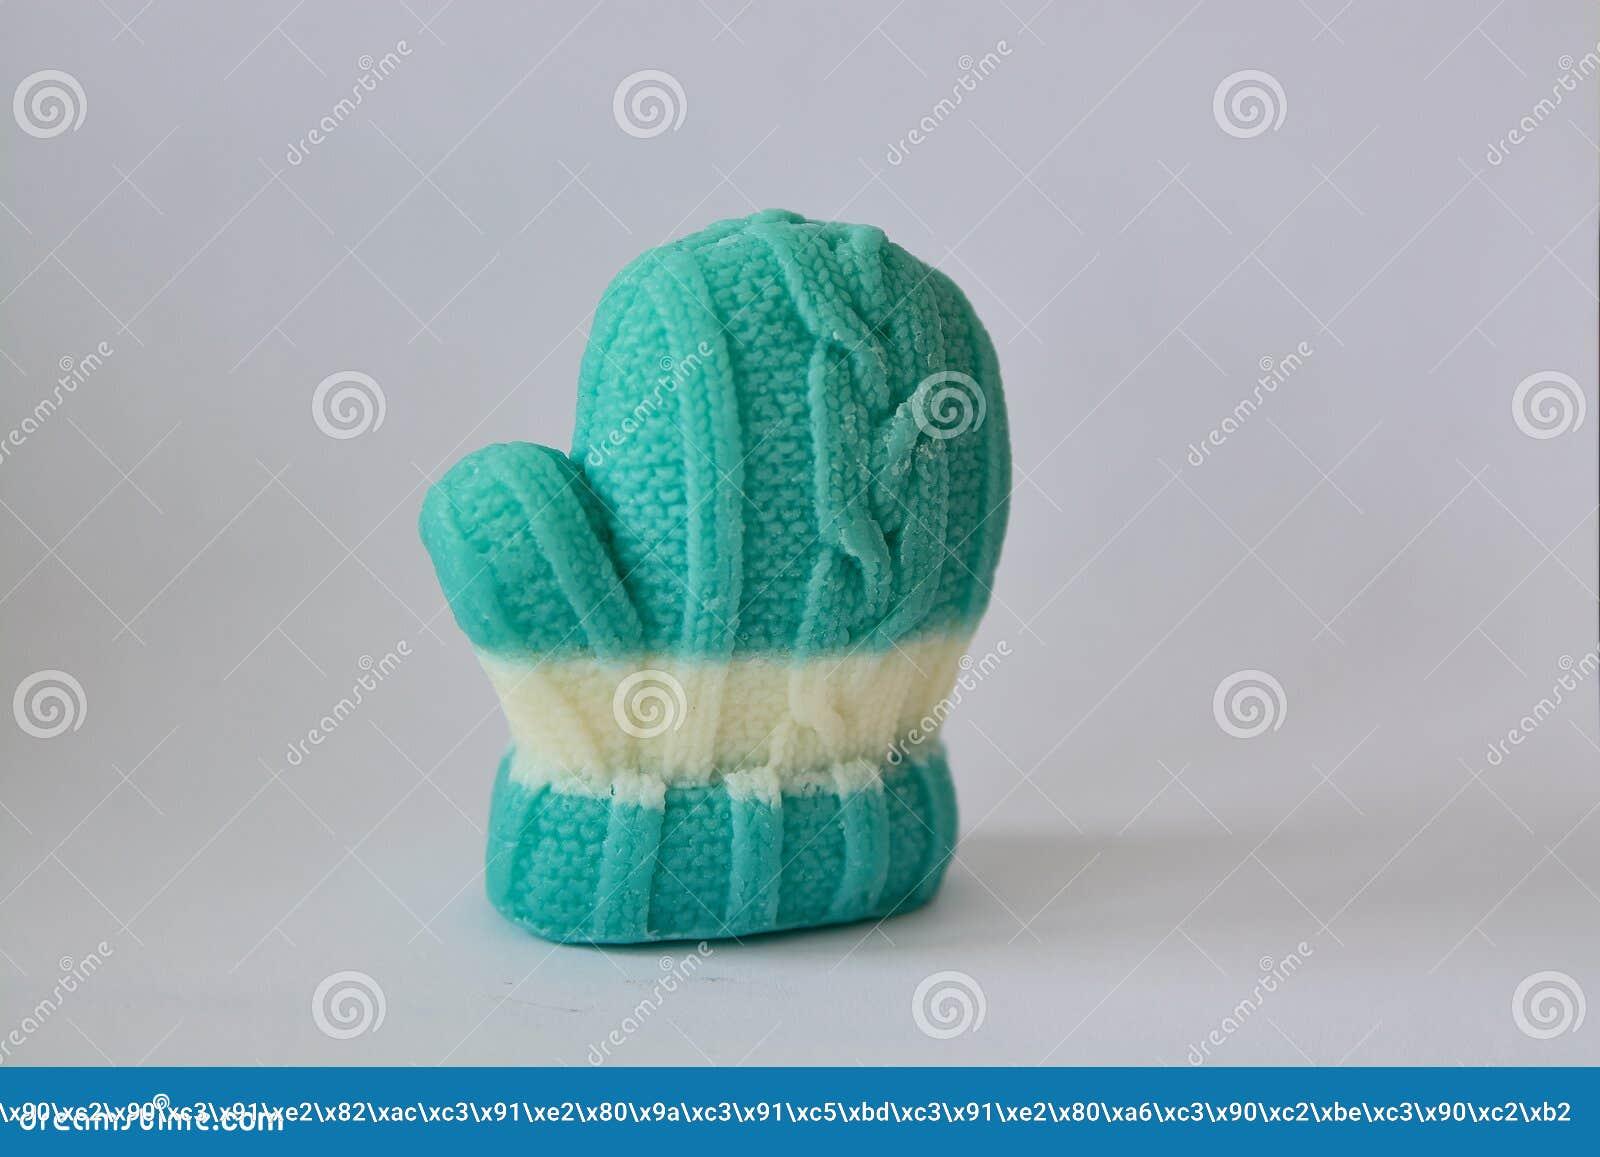 以冬天手套的形式肥皂礼物